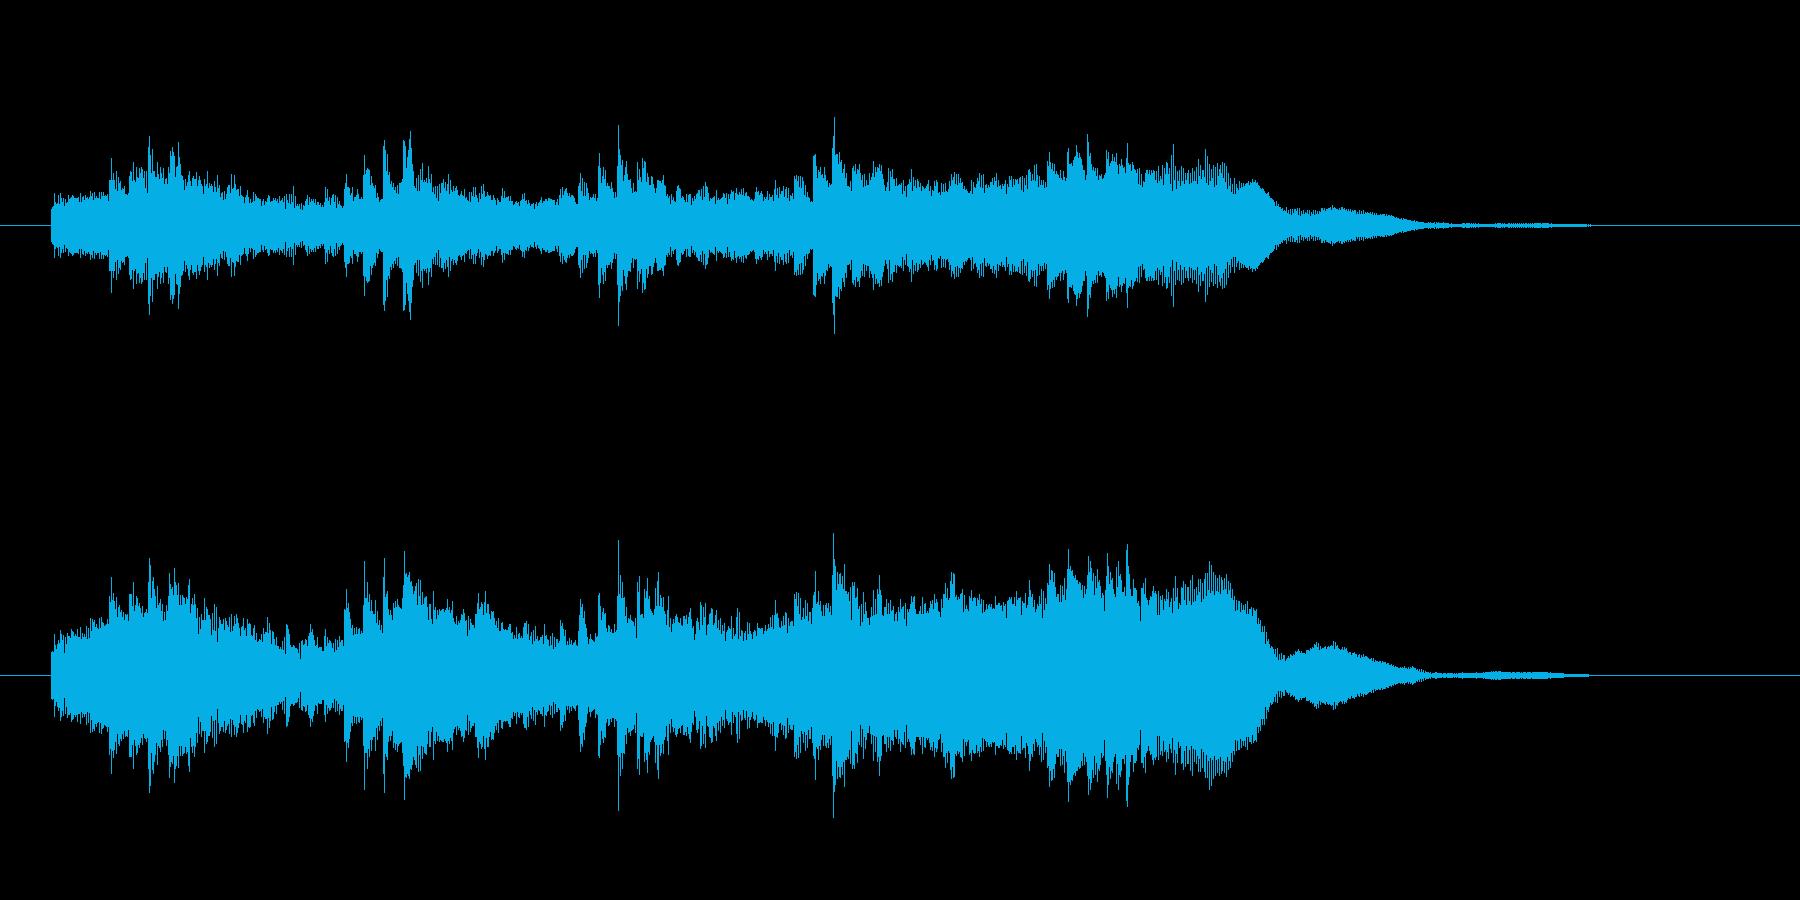 シリアスなシンセサイザー音(ミステリー)の再生済みの波形